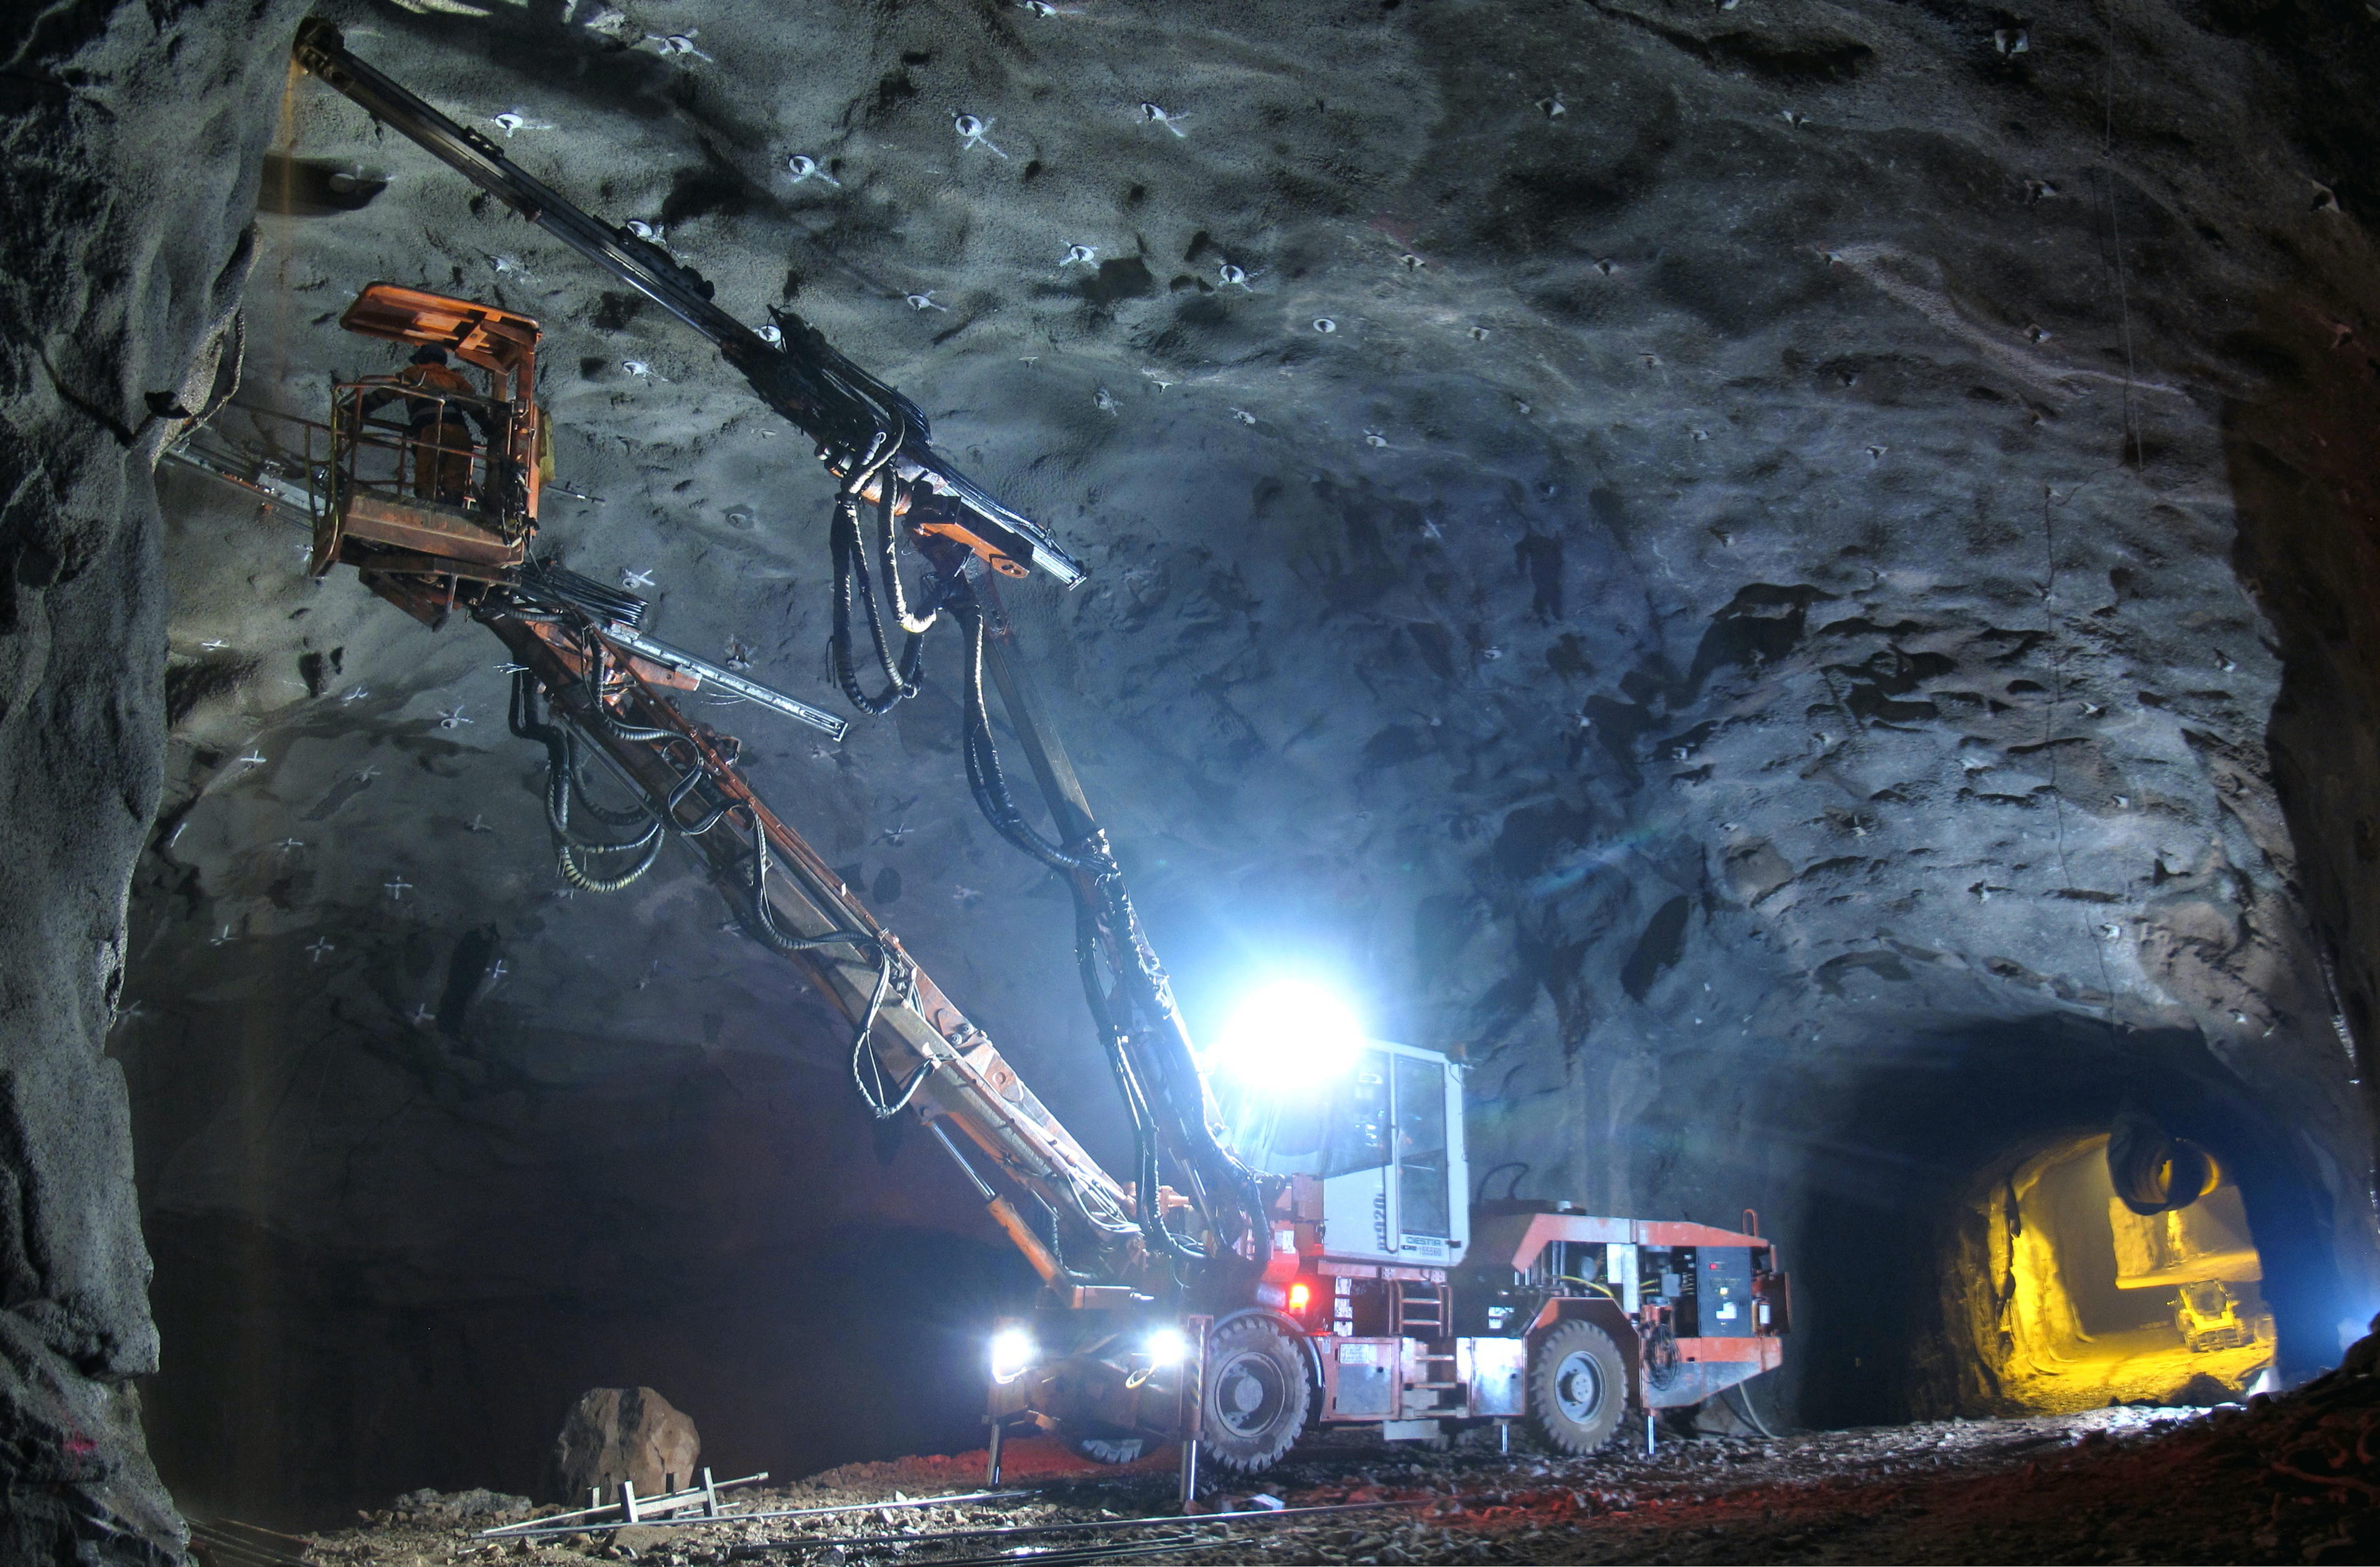 Metrostav v posledních 14 letech staví tunely a mosty ve Skandinávii – na Islandu, v Norsku a Finsku. V Helsinkách se podílel na prodloužení metra. (foto: archiv redakce)